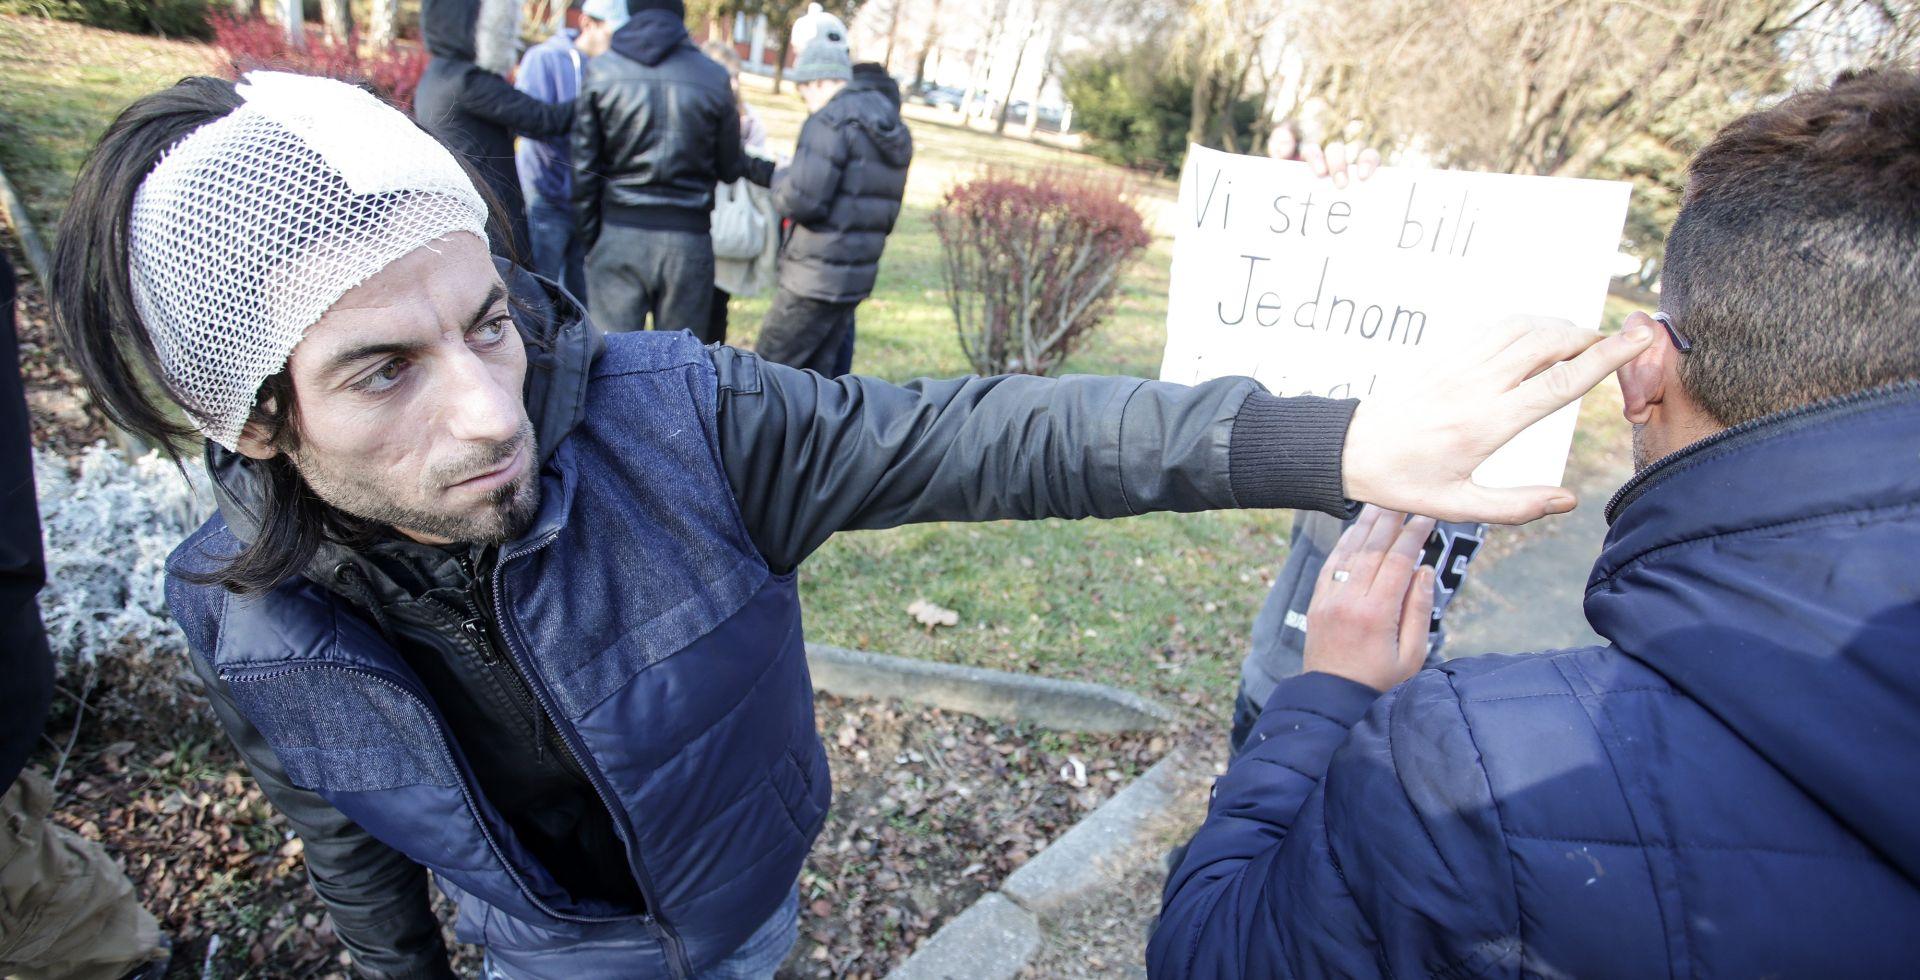 Zagrebčaka policija podnijela kaznene prijave protiv napadača na azilante